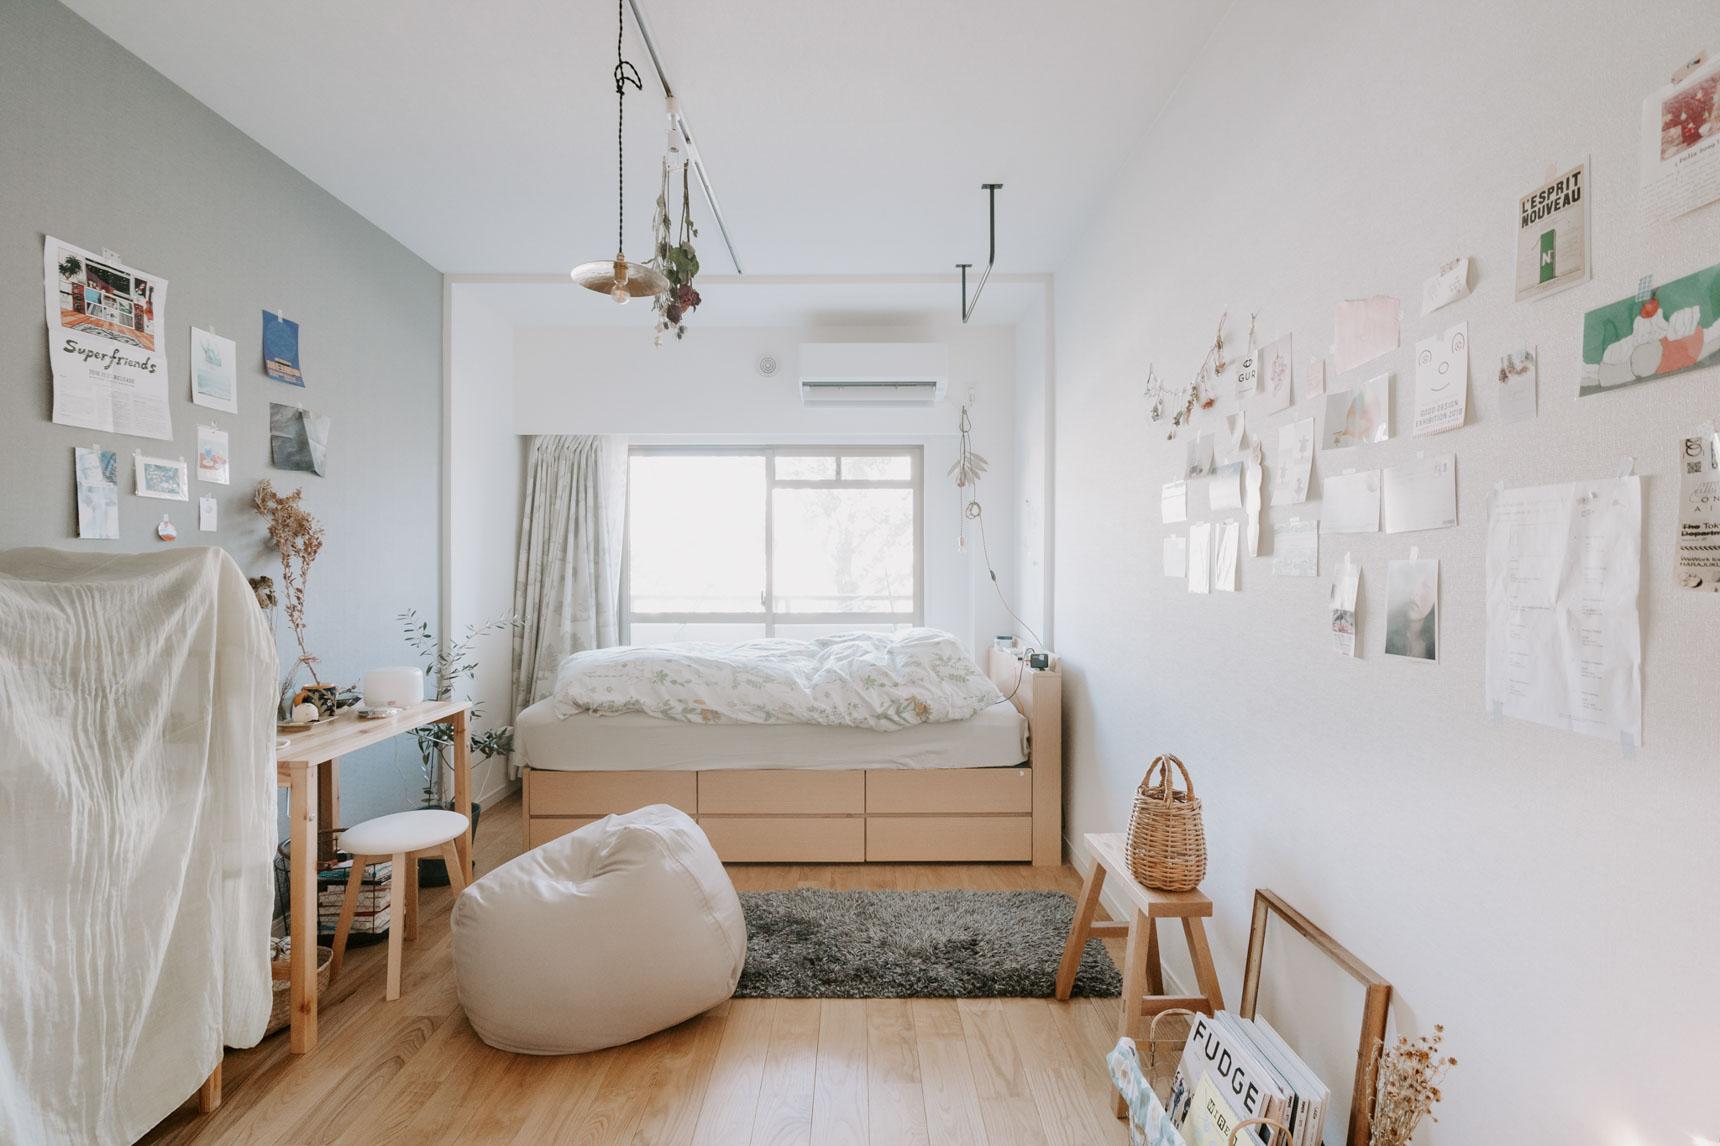 パイン材は松の木を利用した木材で、明るい色味と綺麗な木目が特徴。無垢材の家具でありながら、比較的安価に手に入るのもうれしいですね。無印良品やIKEAなどでも購入することができます。